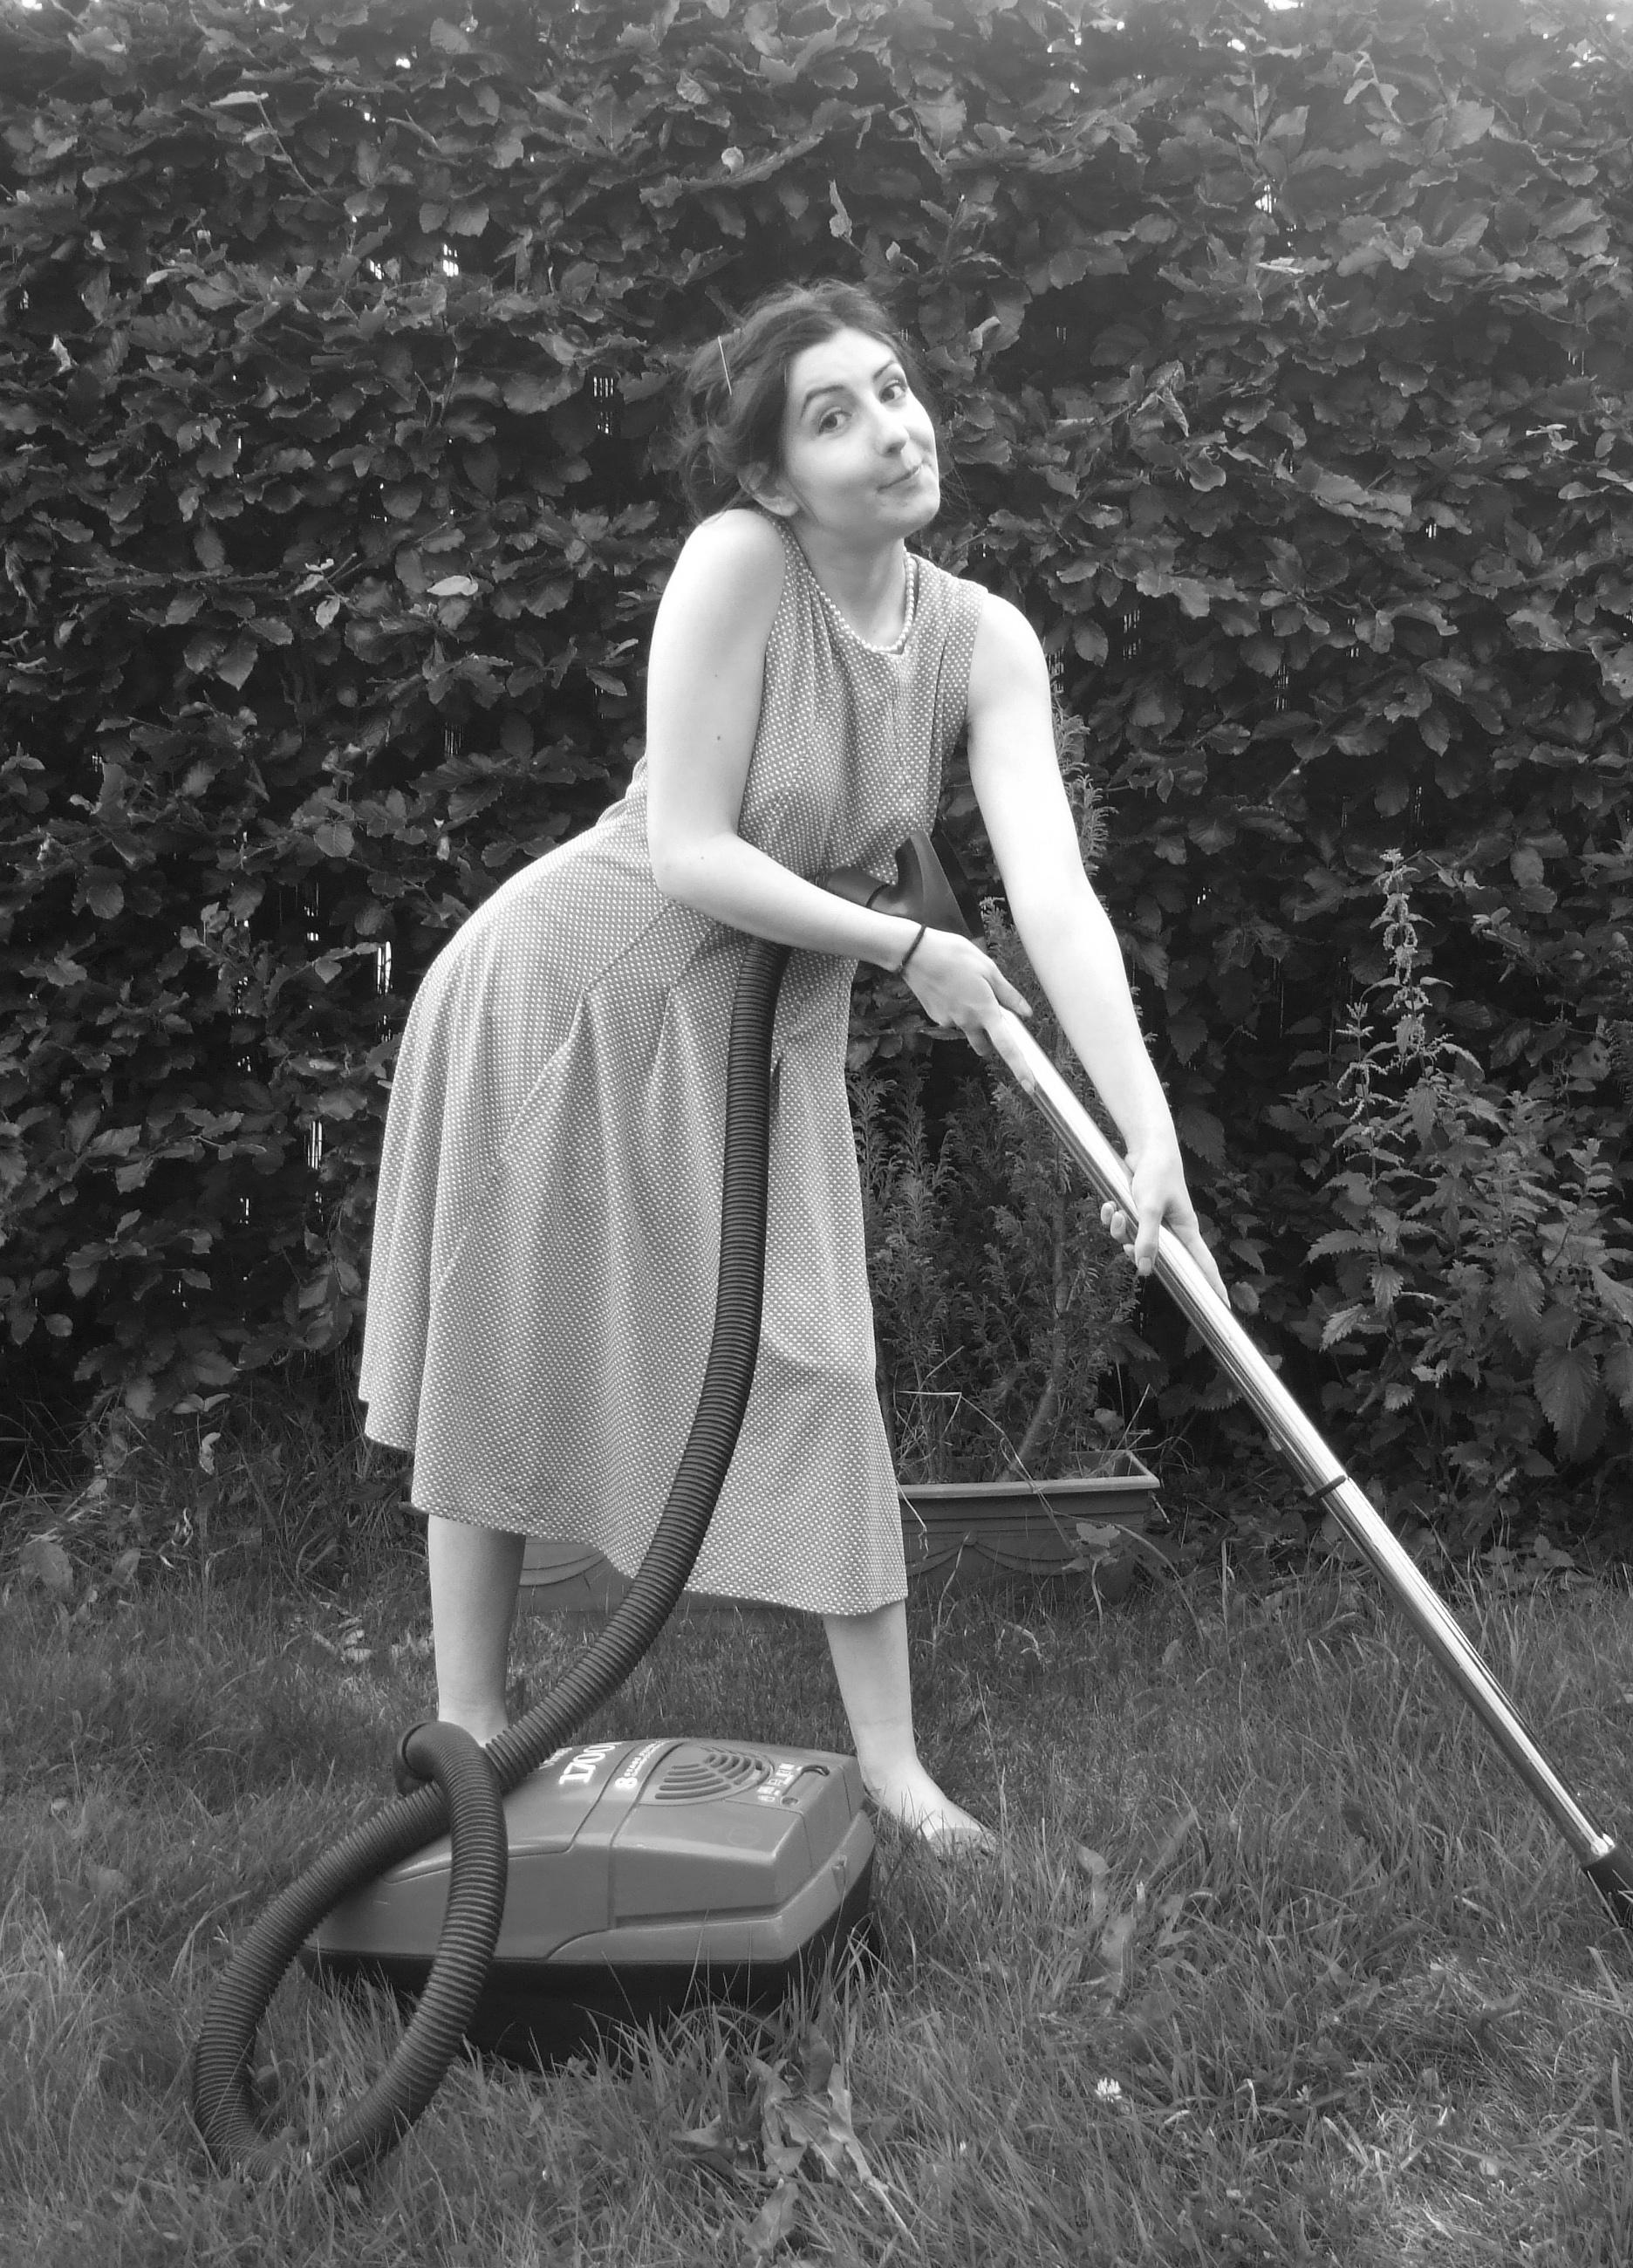 Item 139 - Lawn Vacuuming